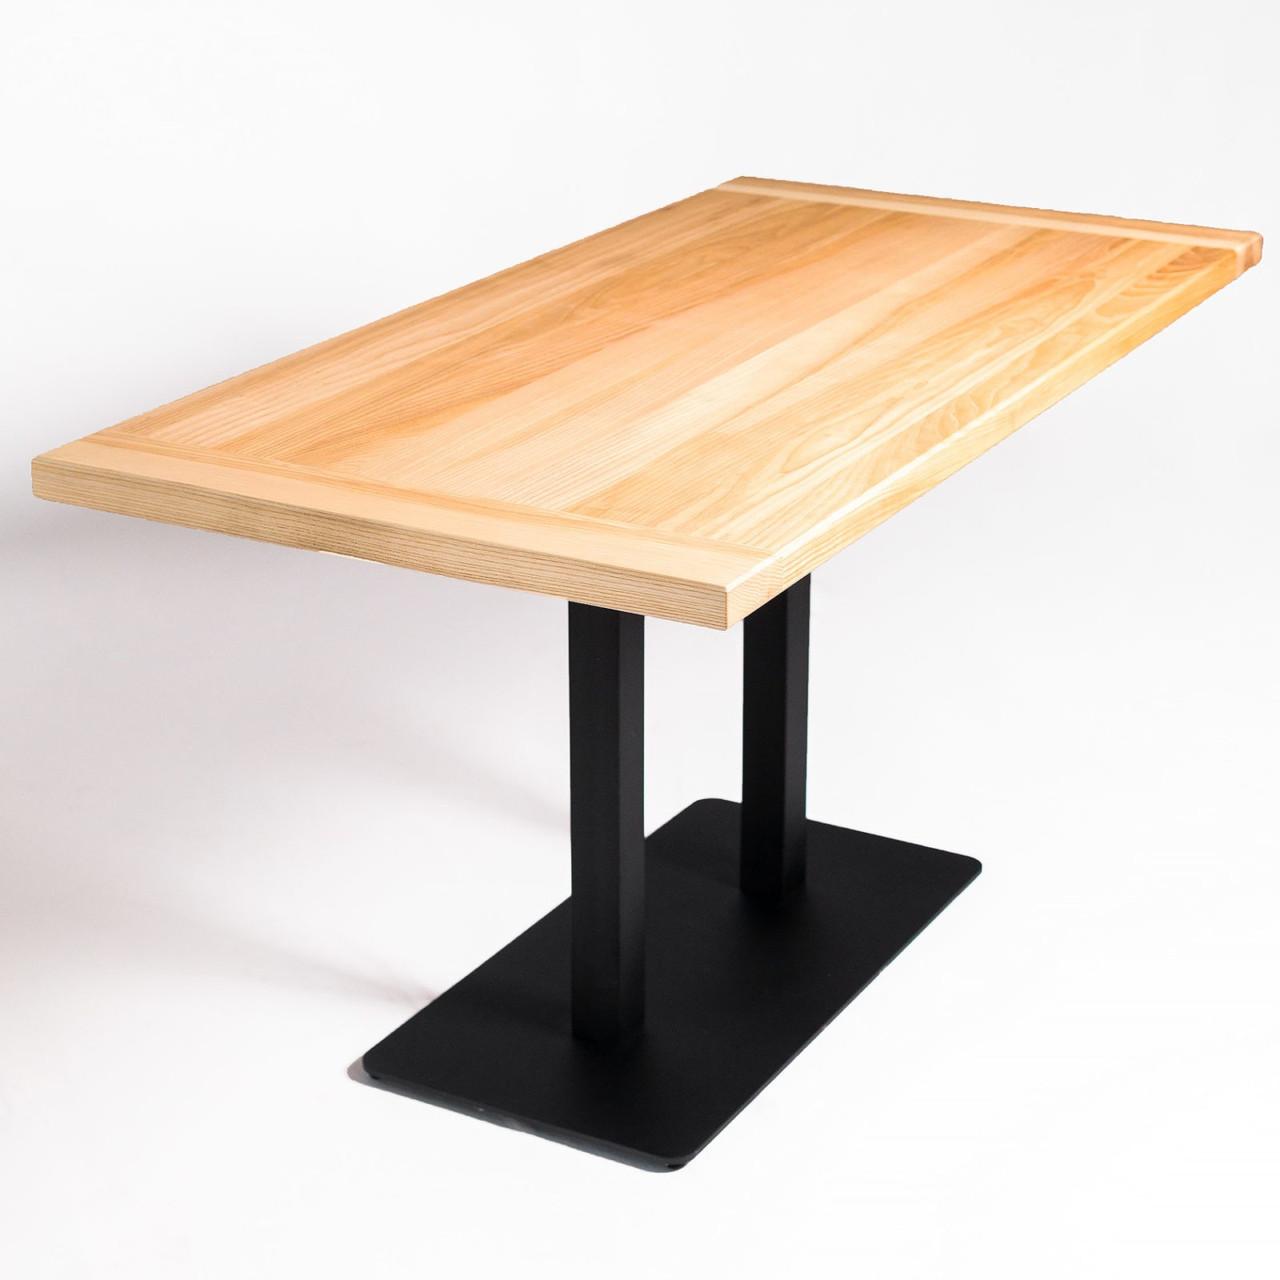 Деревянные столы для кофейни, кафе, баров HoReCa от производителя